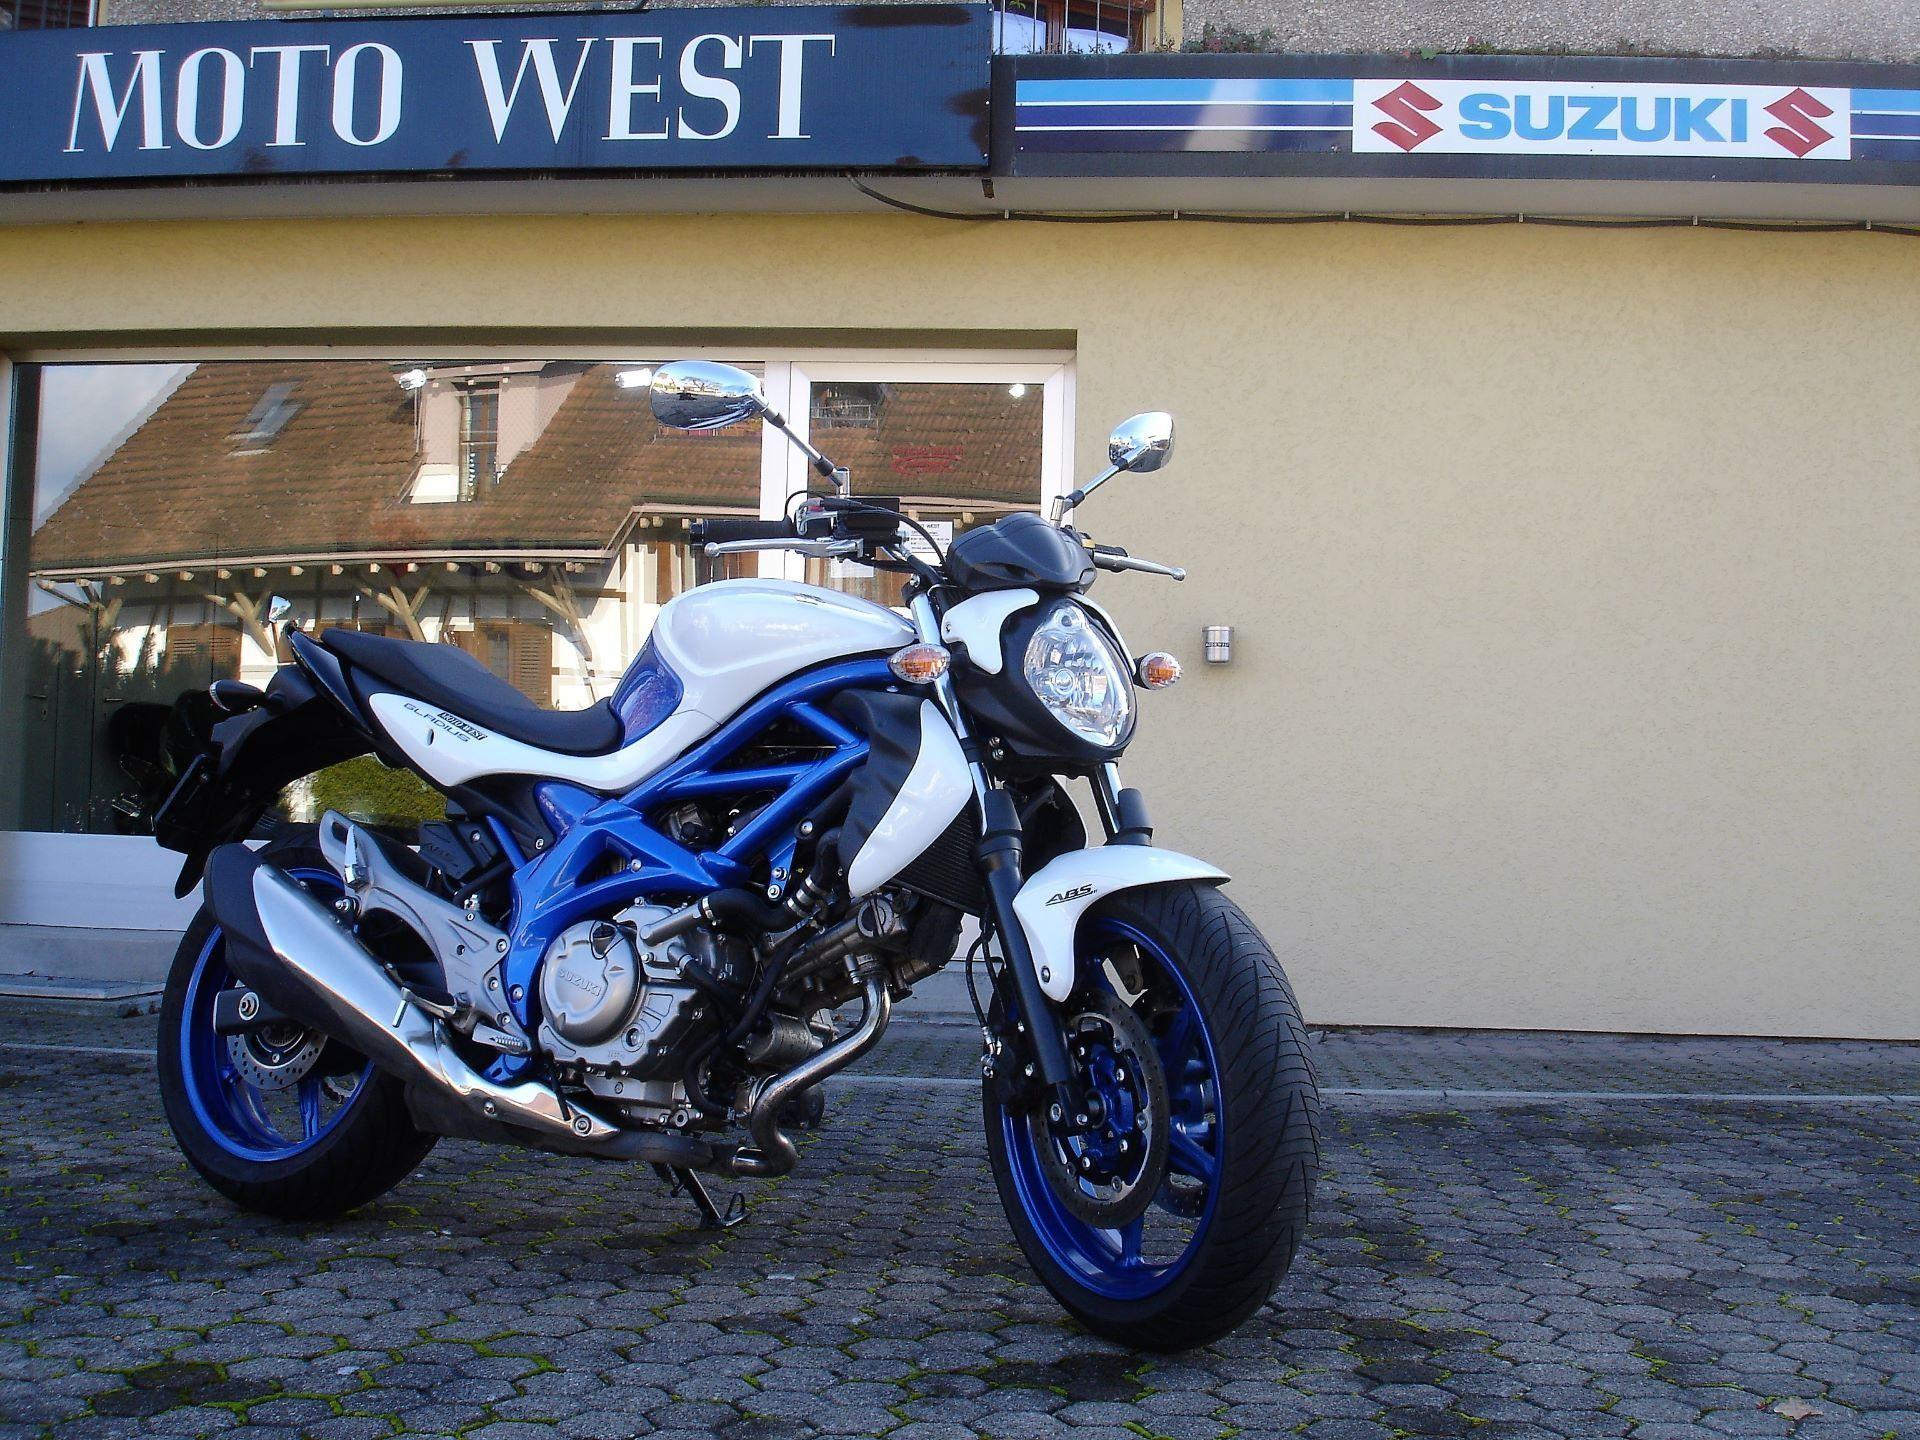 suzuki sfv 650 a abs gladius moto west waltenschwil